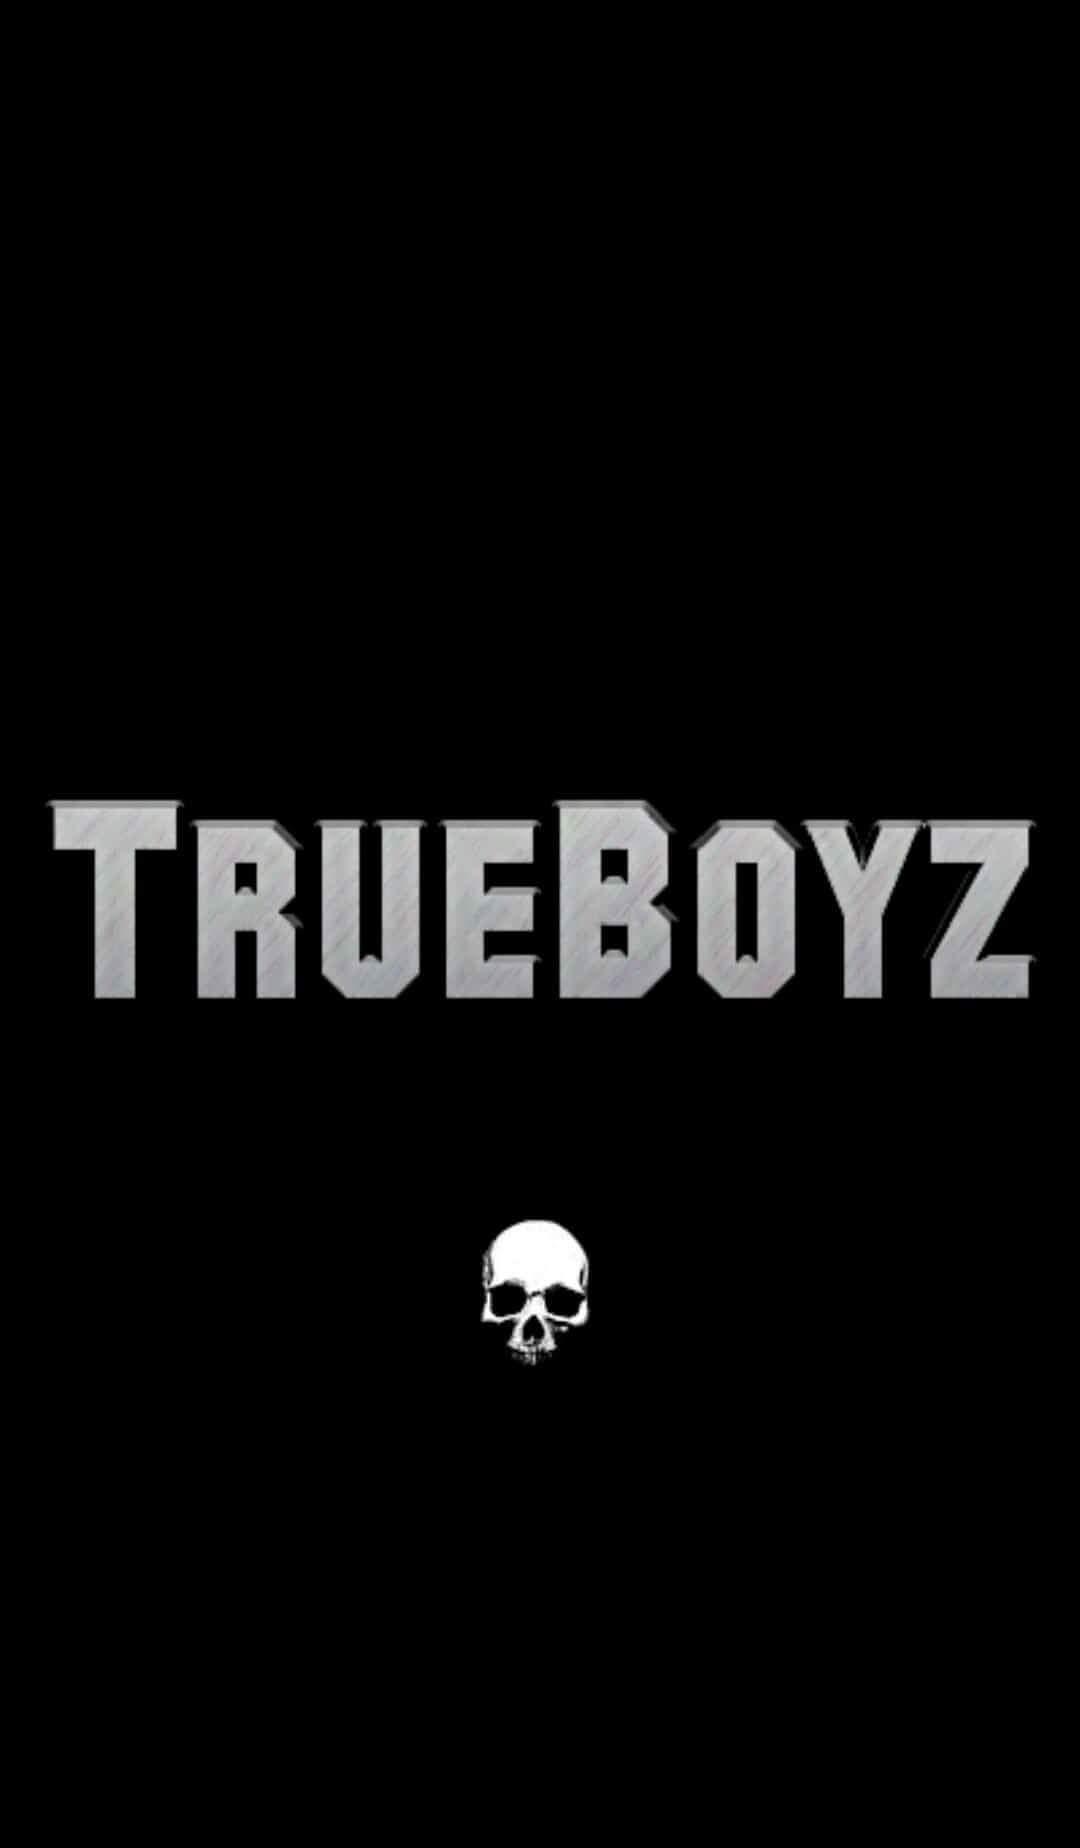 TrueBoyz